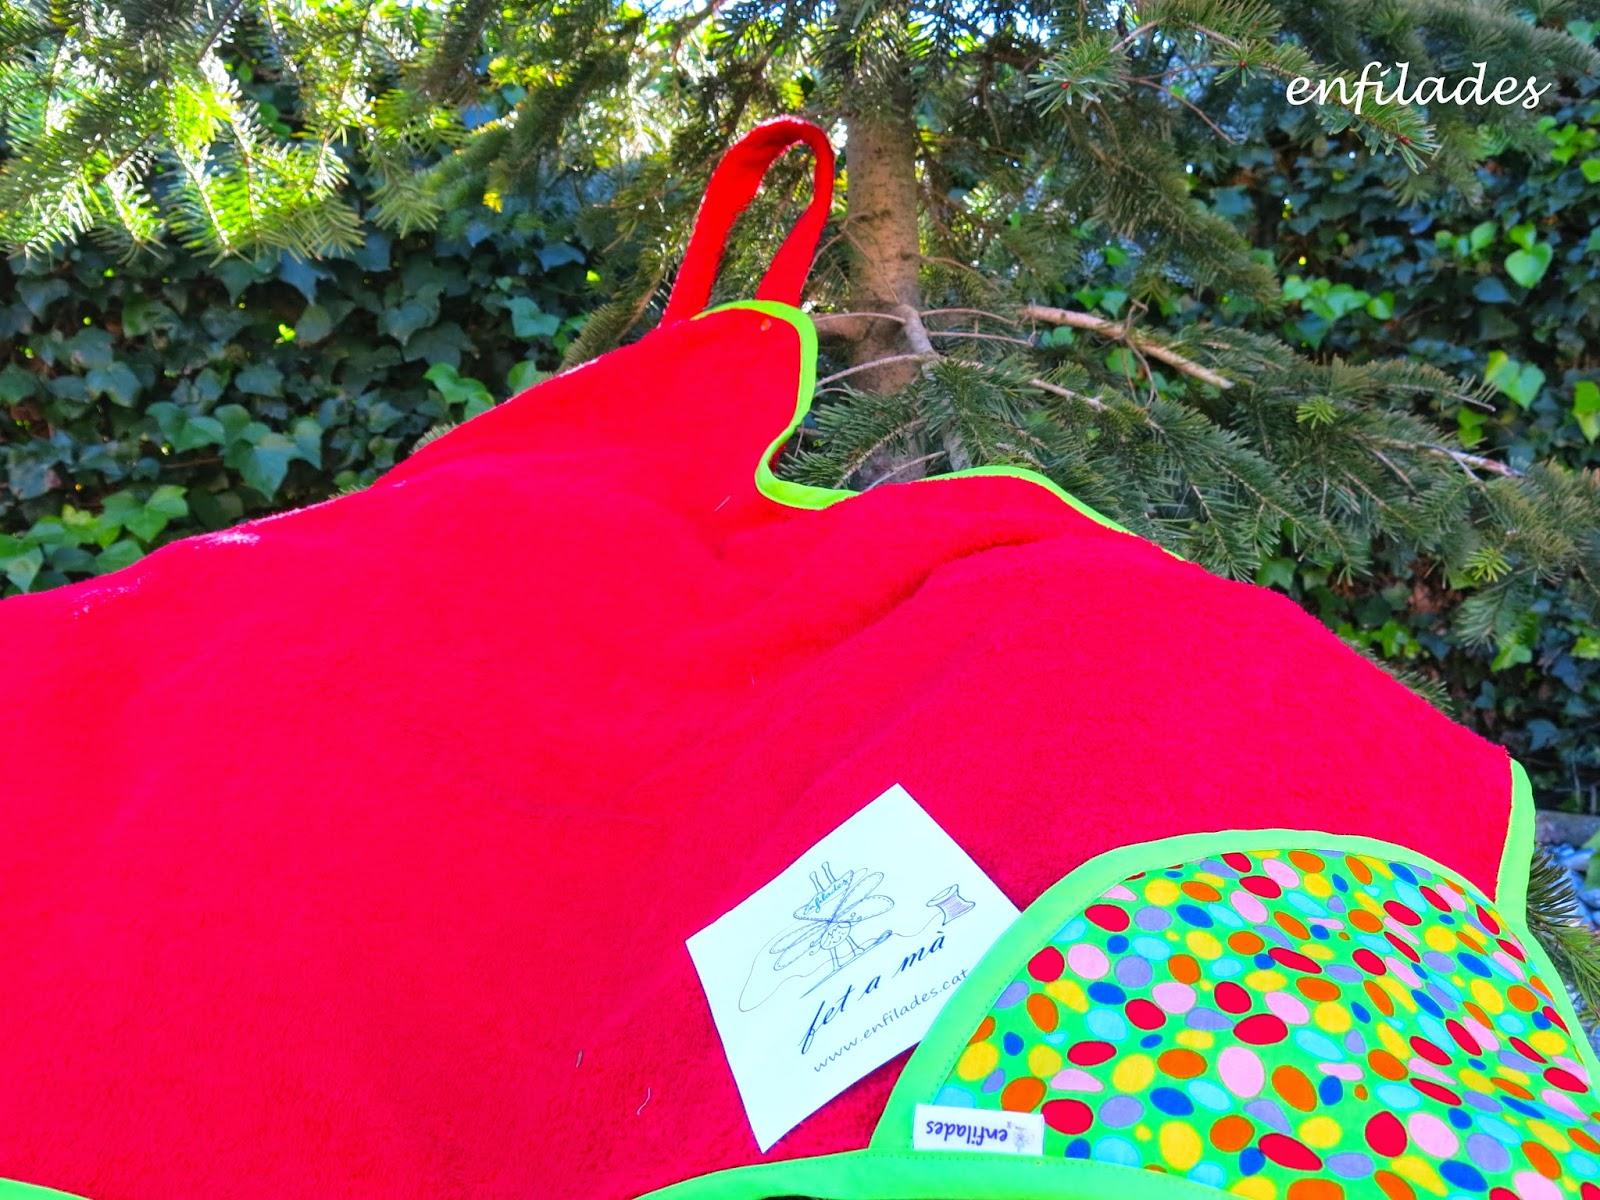 Tovallola davantal feta a mà Caramels - creacions Enfilades.cat